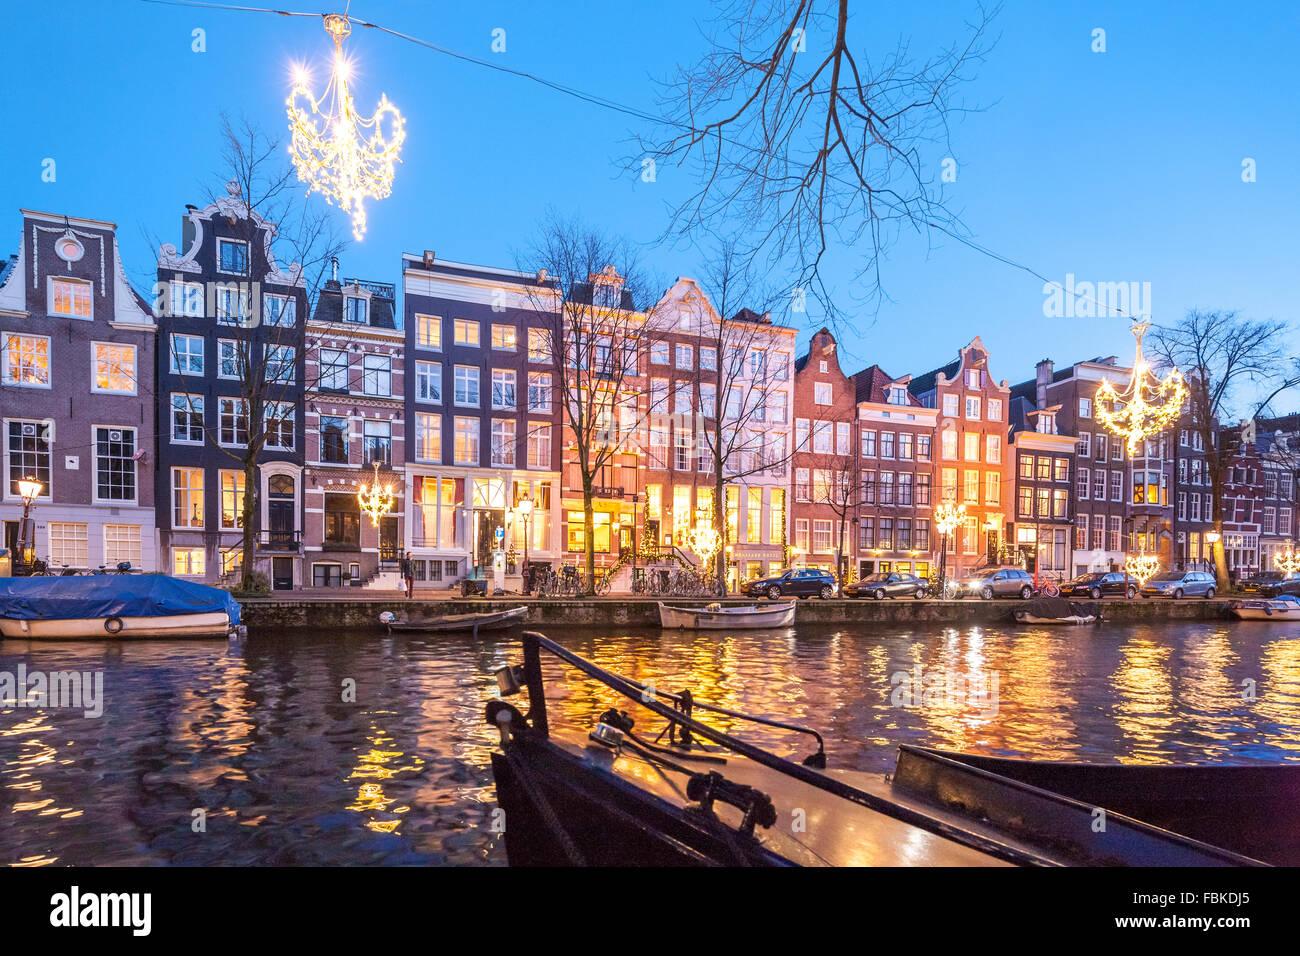 El Ambassade Hotel Amsterdam en el canal Herengracht estacional en invierno con las luces de Navidad. Imagen De Stock